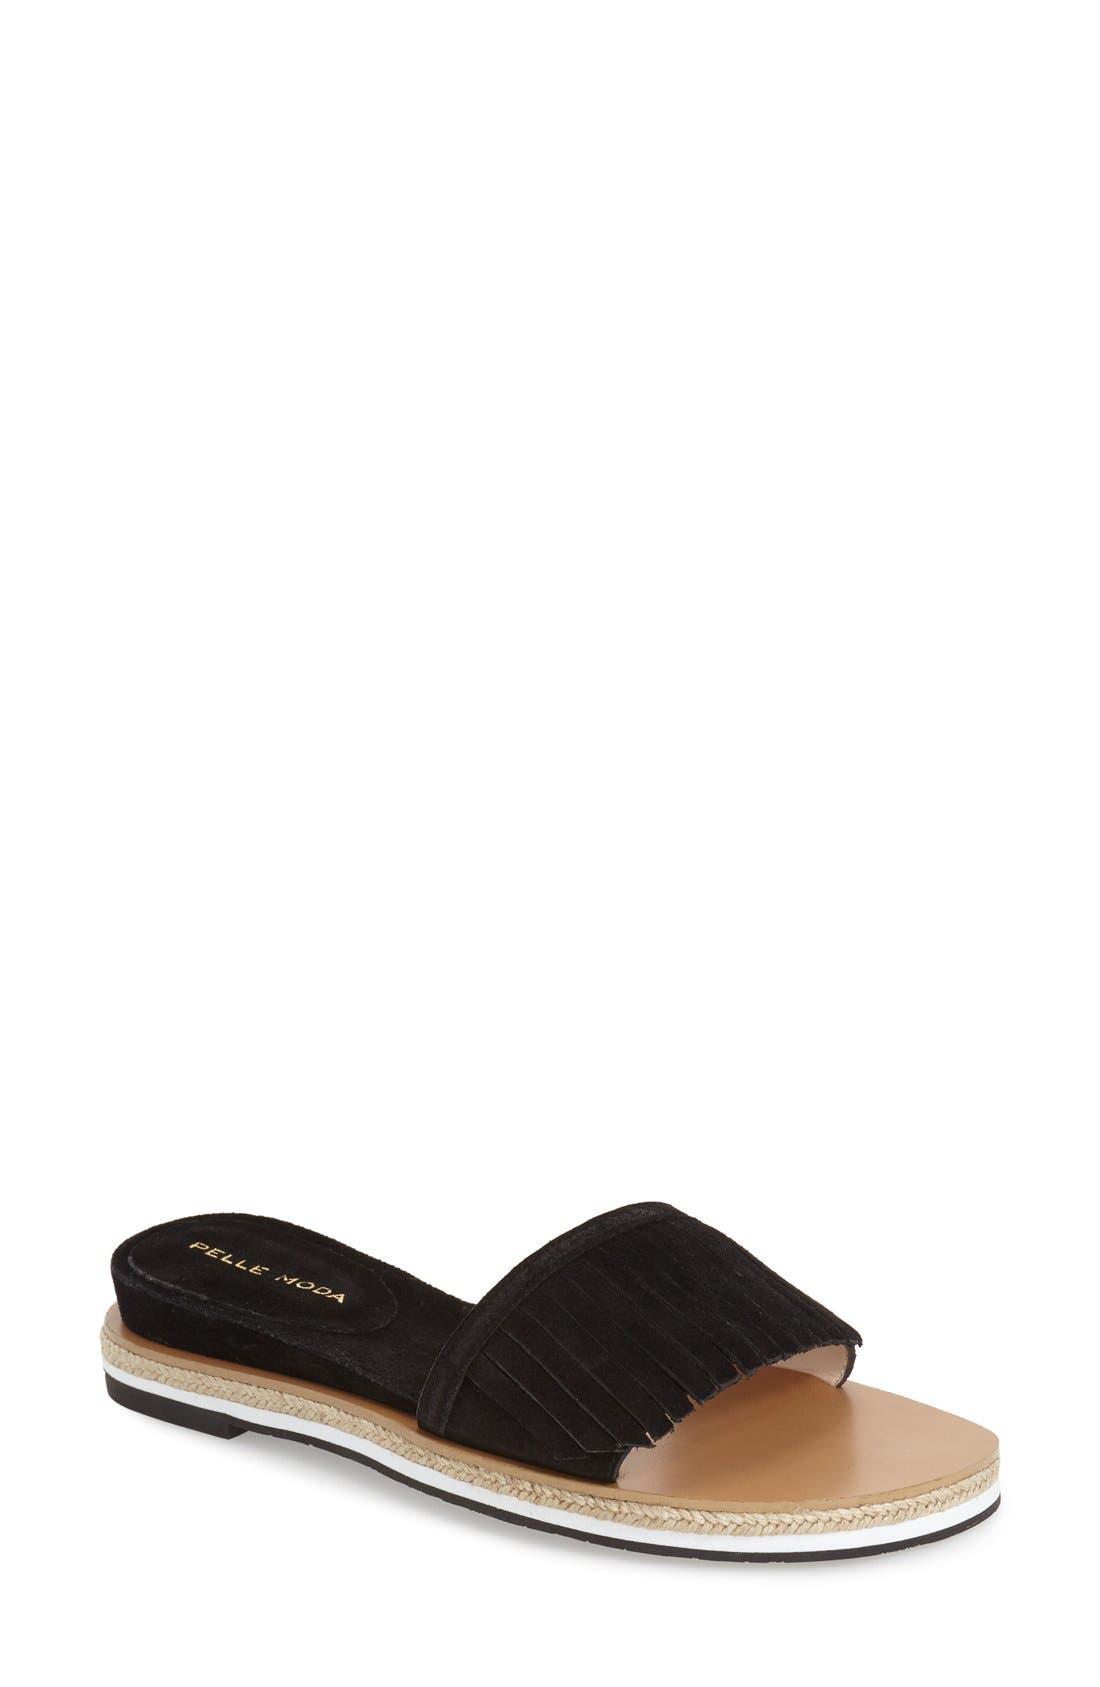 'Jade' Fringe Slide Sandal,                         Main,                         color, 001